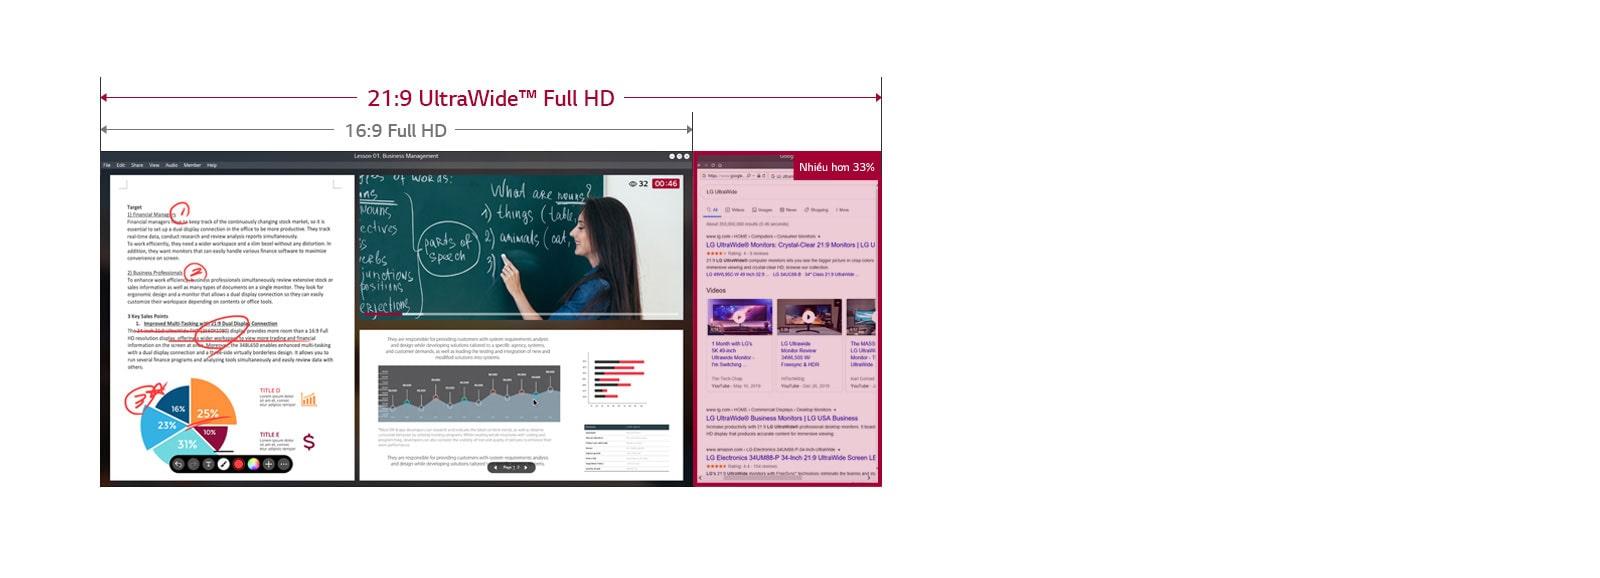 Hình ảnh trên màn hình 21:9 UltraWide Full HD rộng hơn 33% so với 16:9 Full HD, thể hiện một lớp học trực tuyến trên màn hình